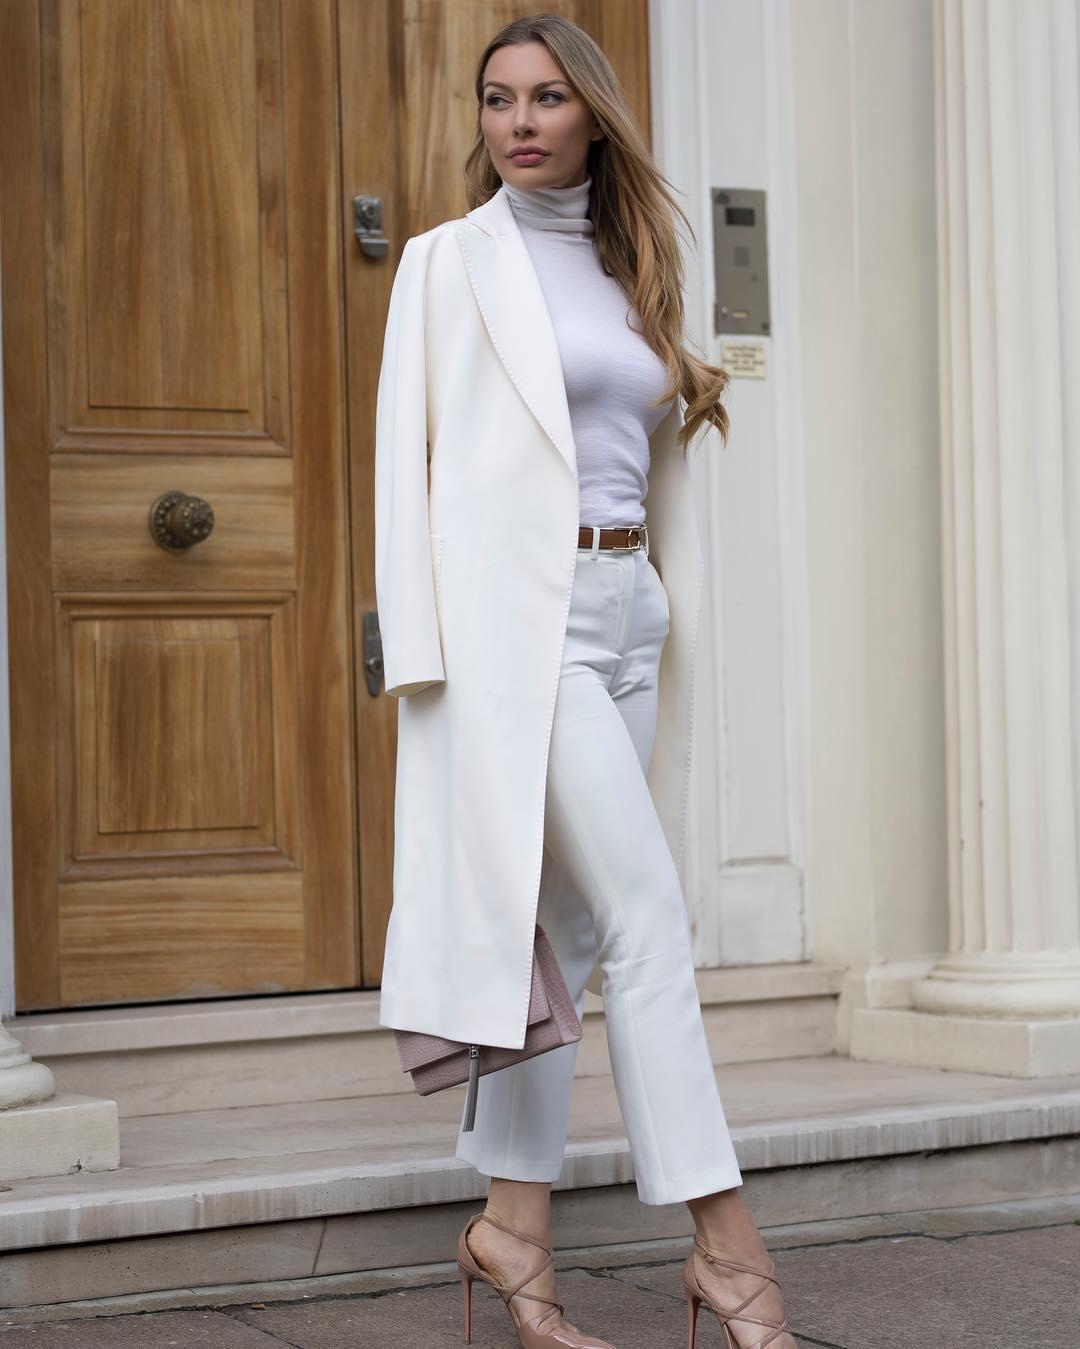 Блогер рассказала, какую носить одежду, чтобы «заманить» миллионера